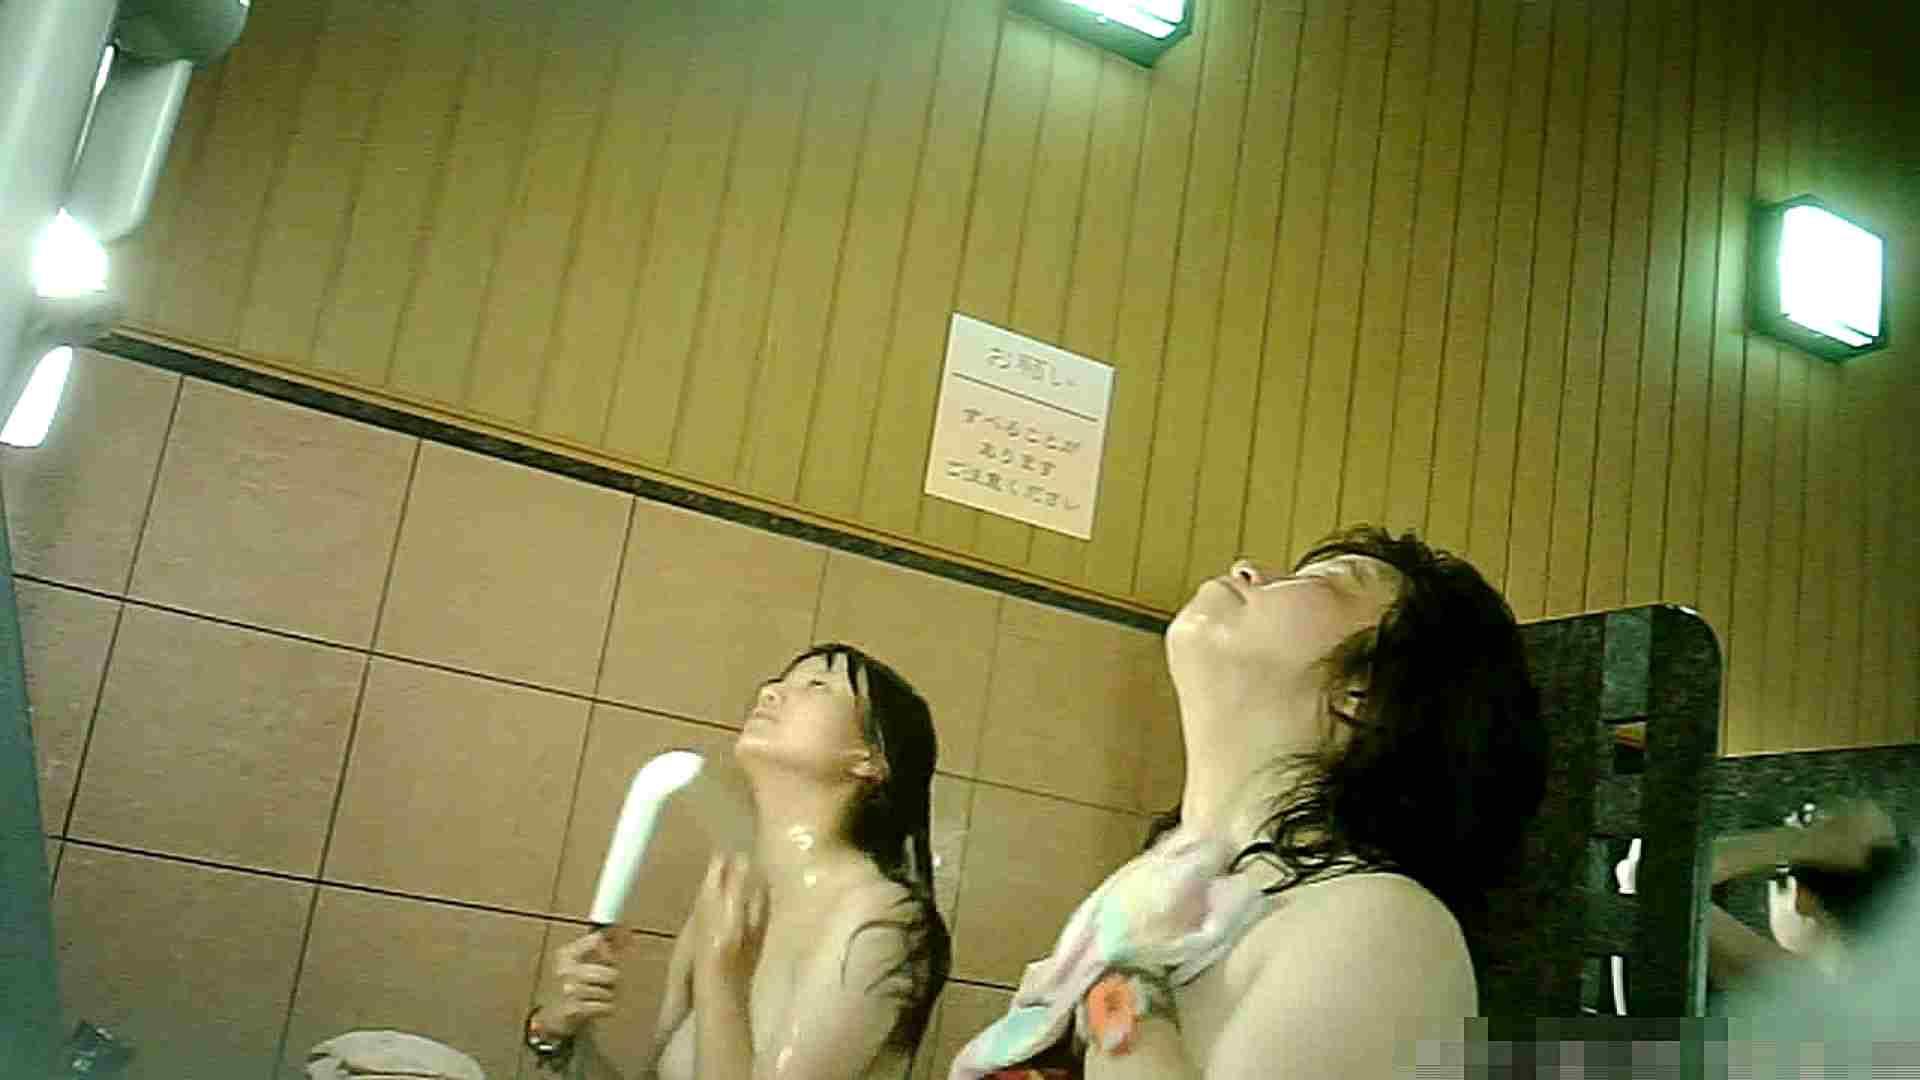 セックスアダルト動画|Vol.26 洗い場!抱き心地は最高でしょう。奥の嬢さんの方の話ですよ!|怪盗ジョーカー